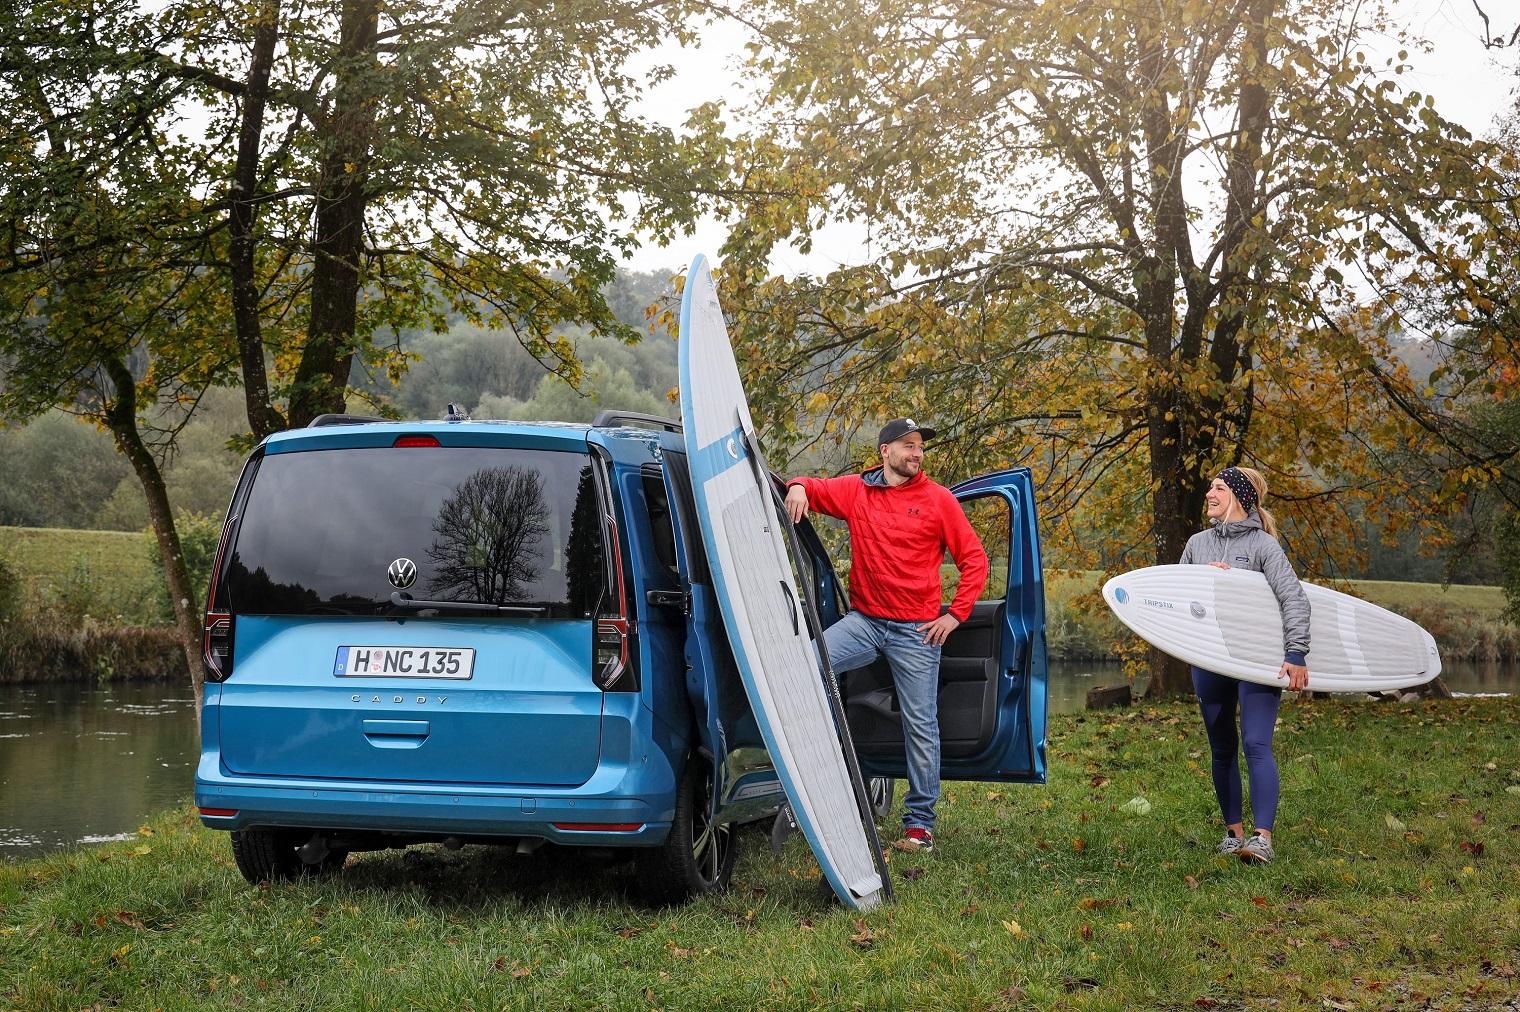 Nuovo Volkswagen Caddy trasporto persone